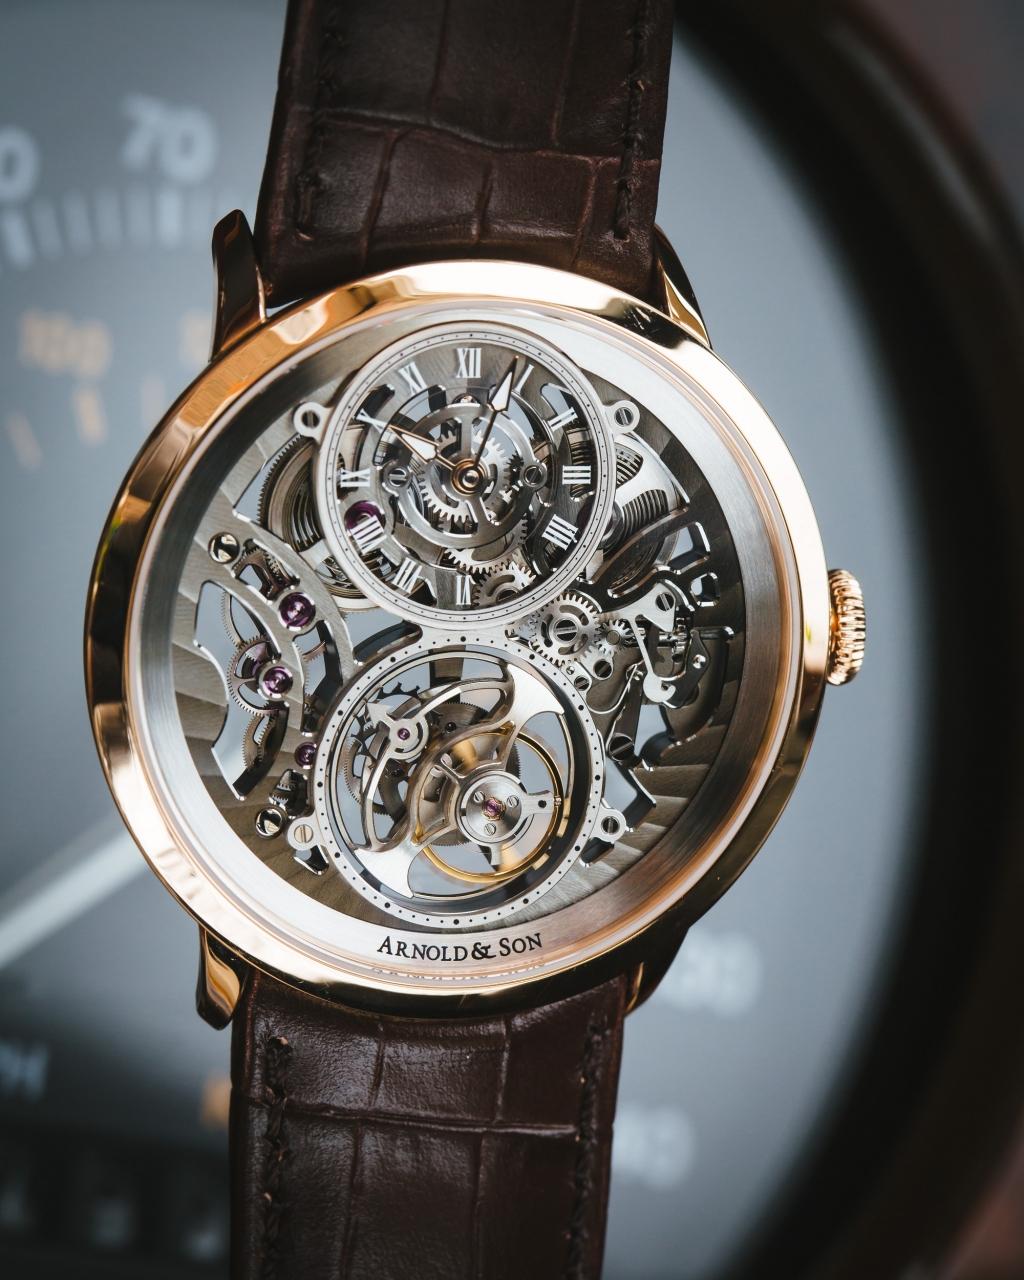 鏤空腕錶擁有 Utte 系列的標誌性錶盤設計,以簡潔利落的 8 字展現時間和陀飛輪。